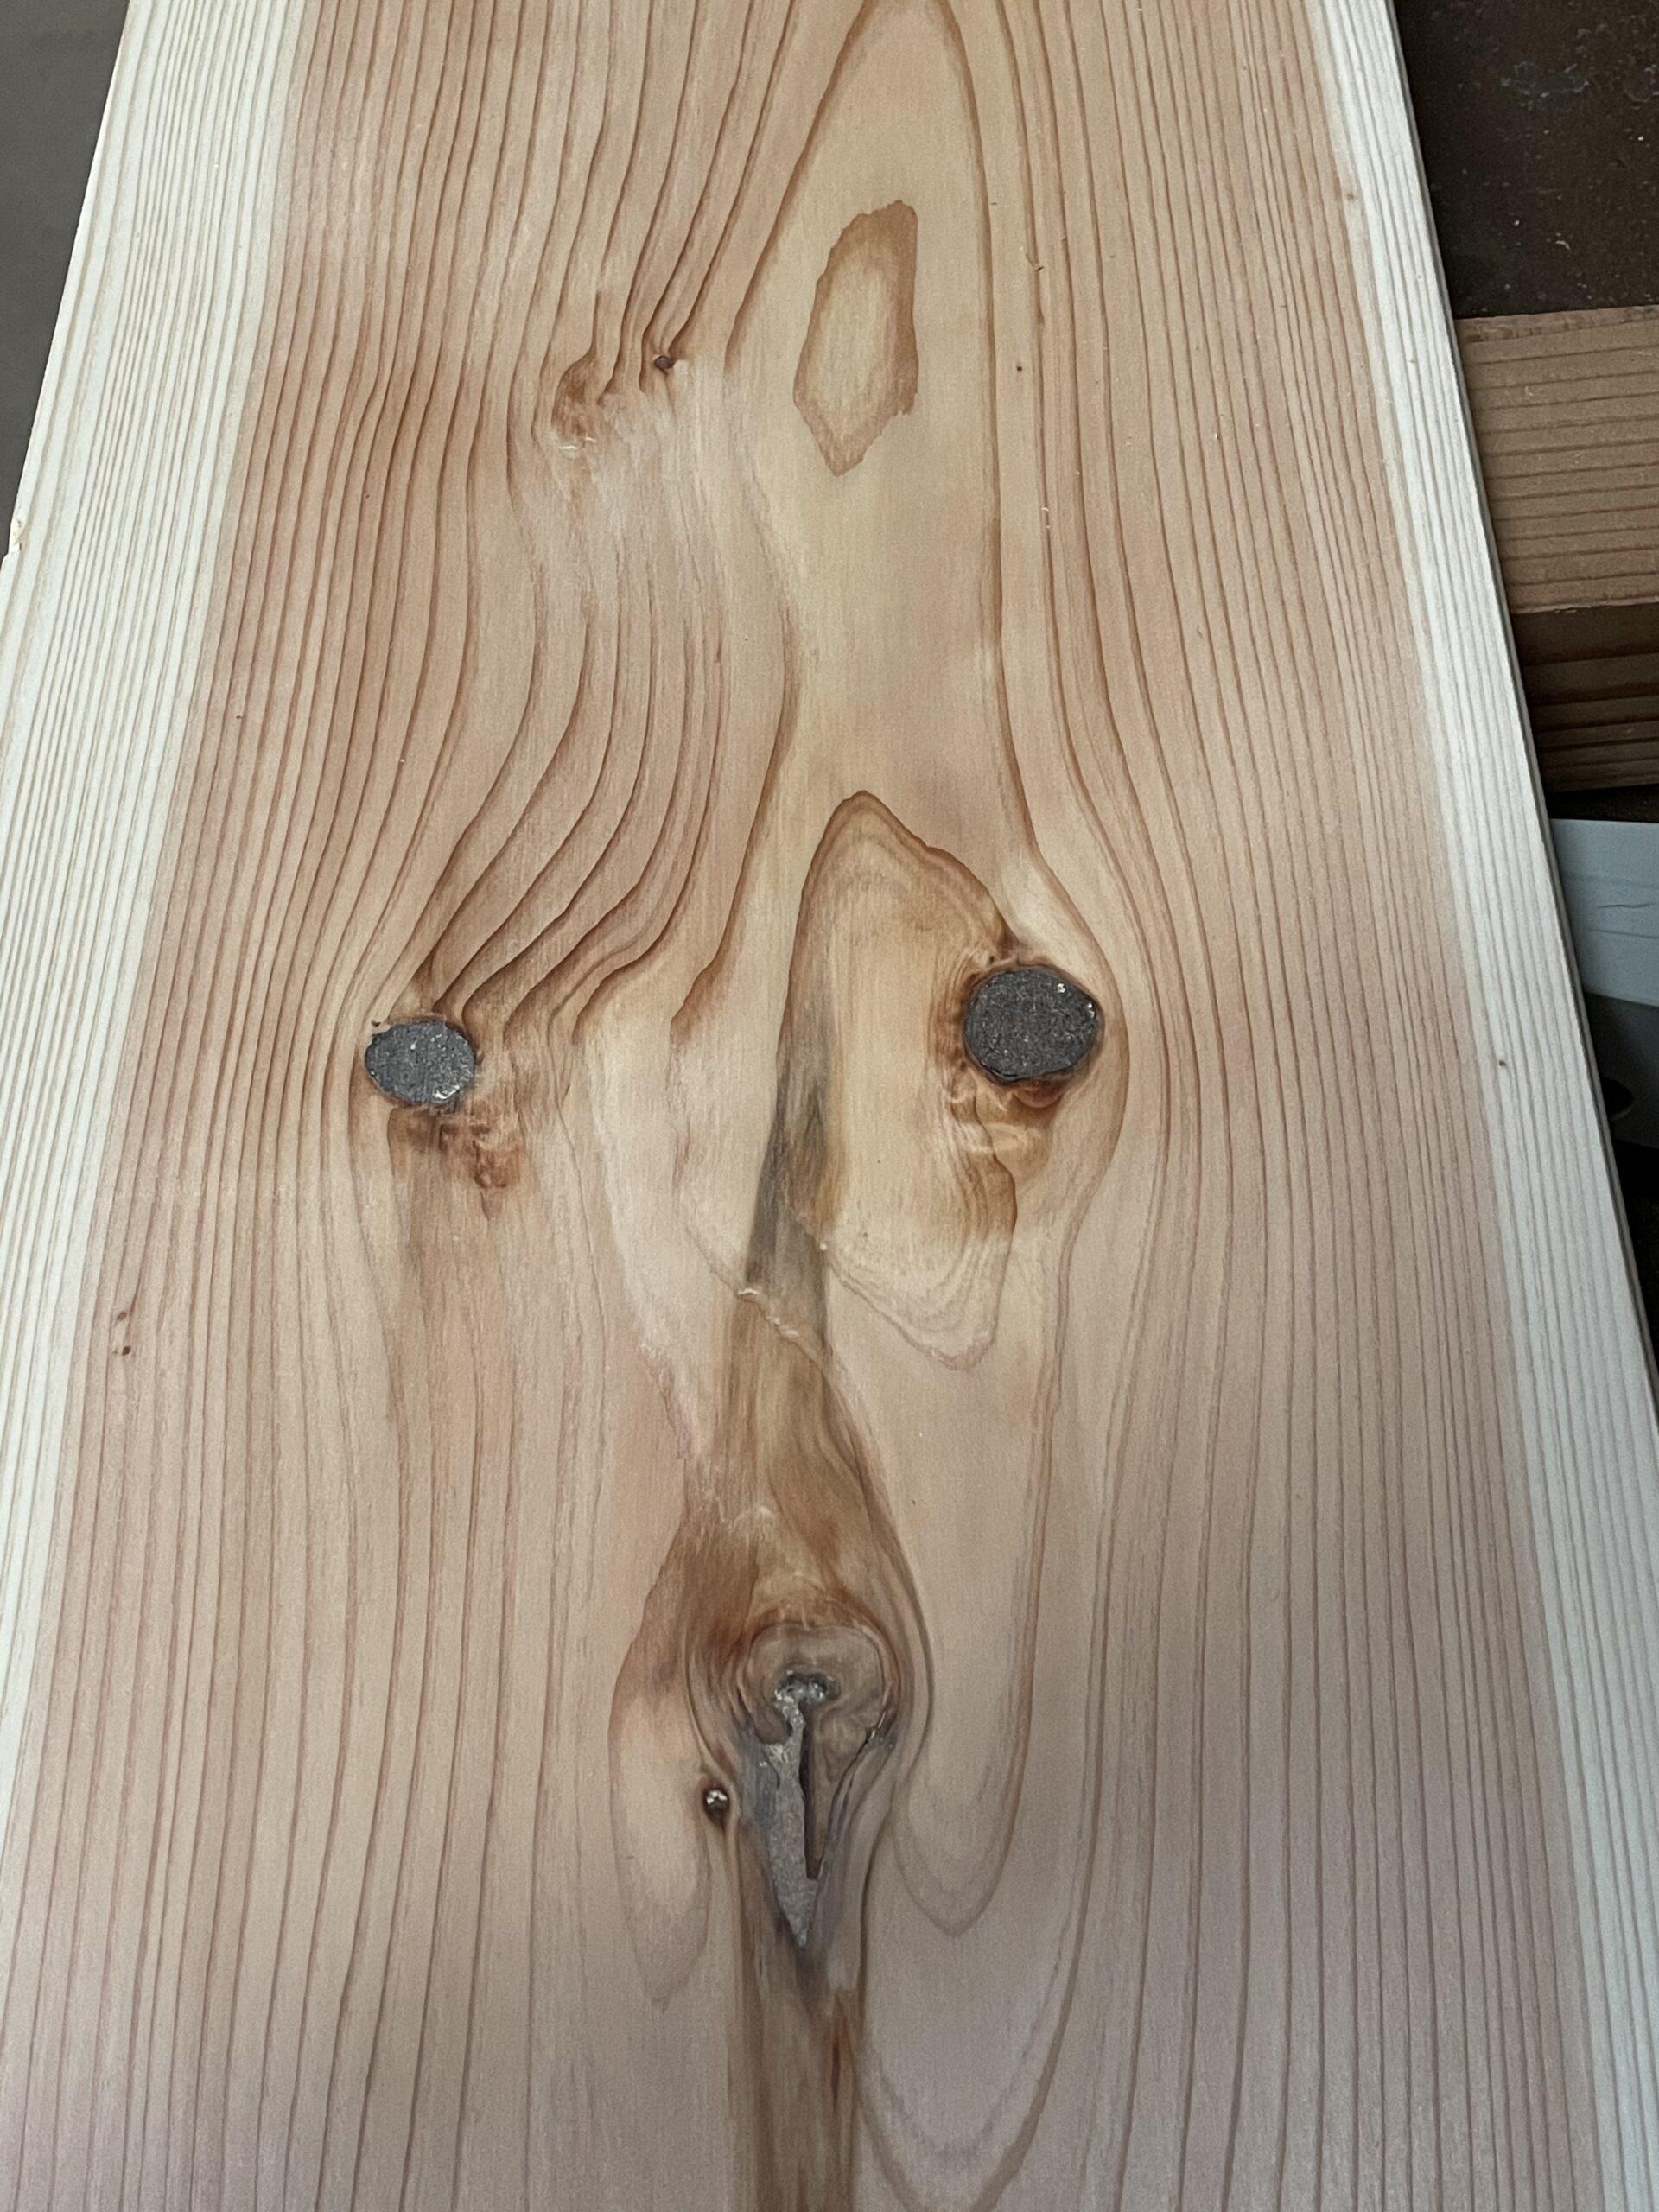 毎日綱渡り状態ですが木材確保出来てます!